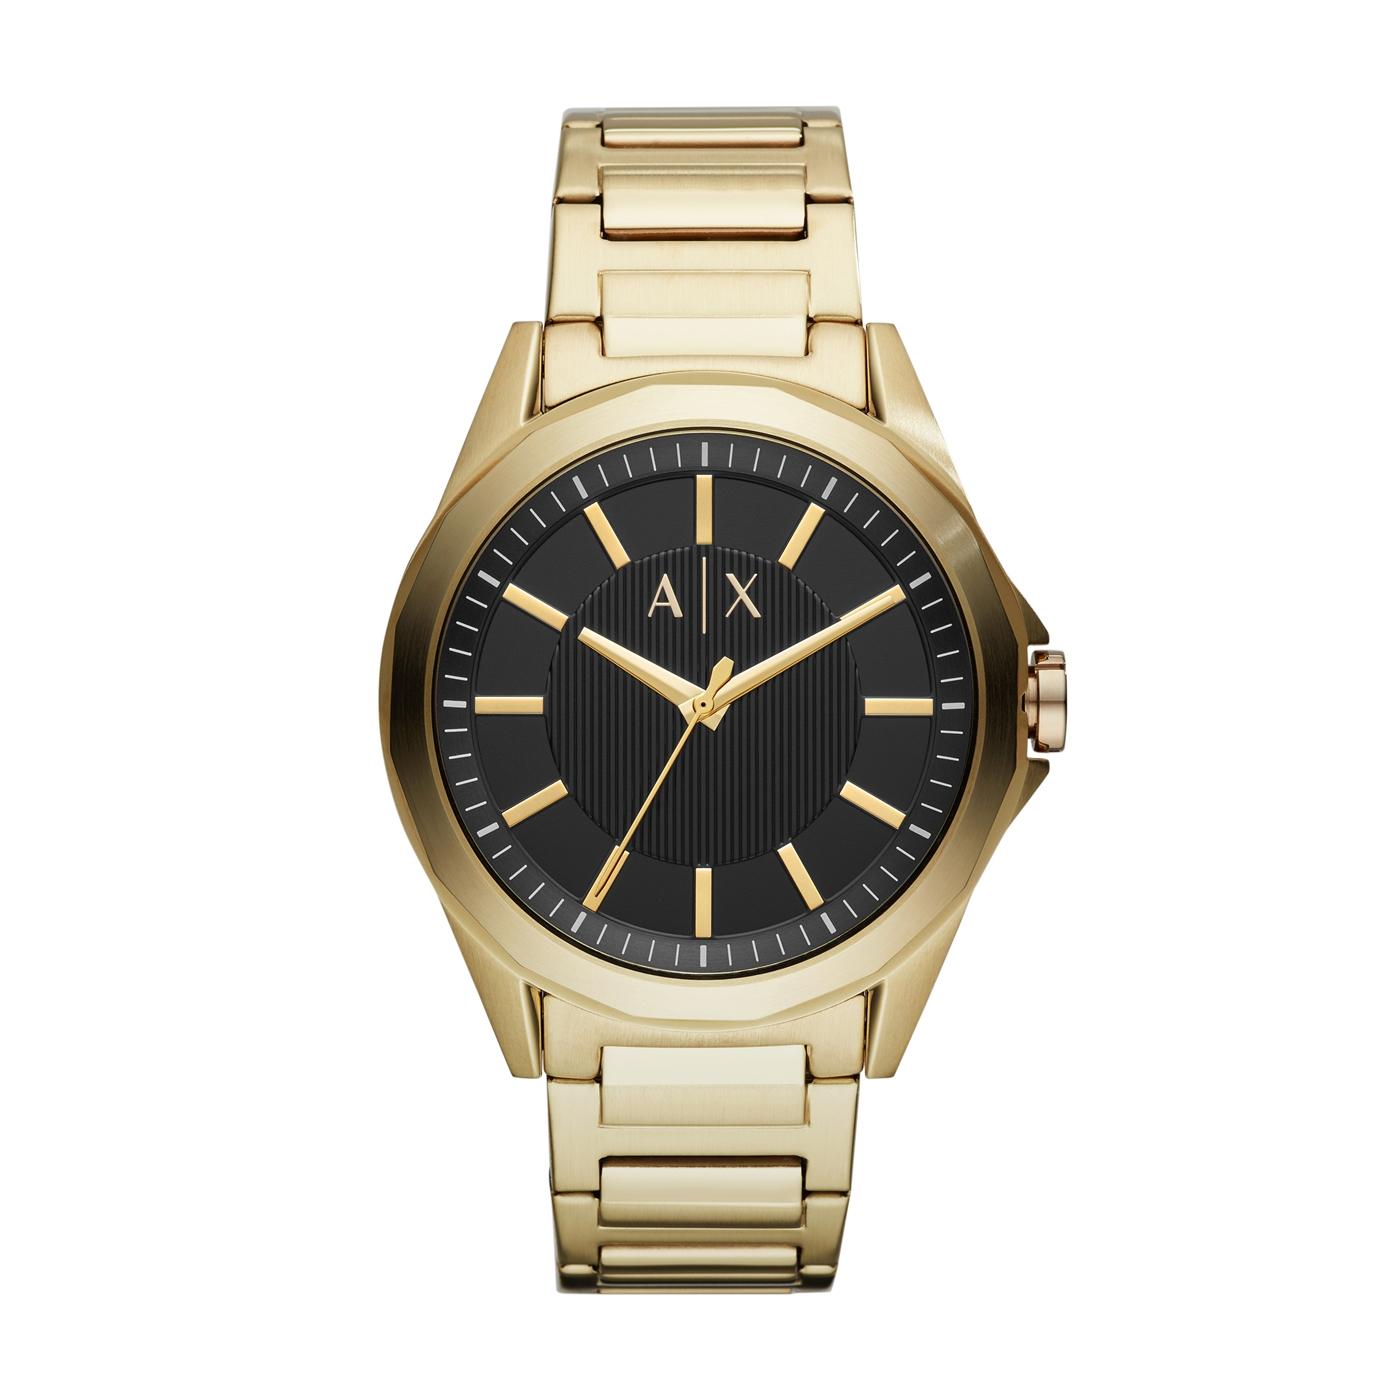 Afbeelding van Armani Exchange Drexler horloge AX2619